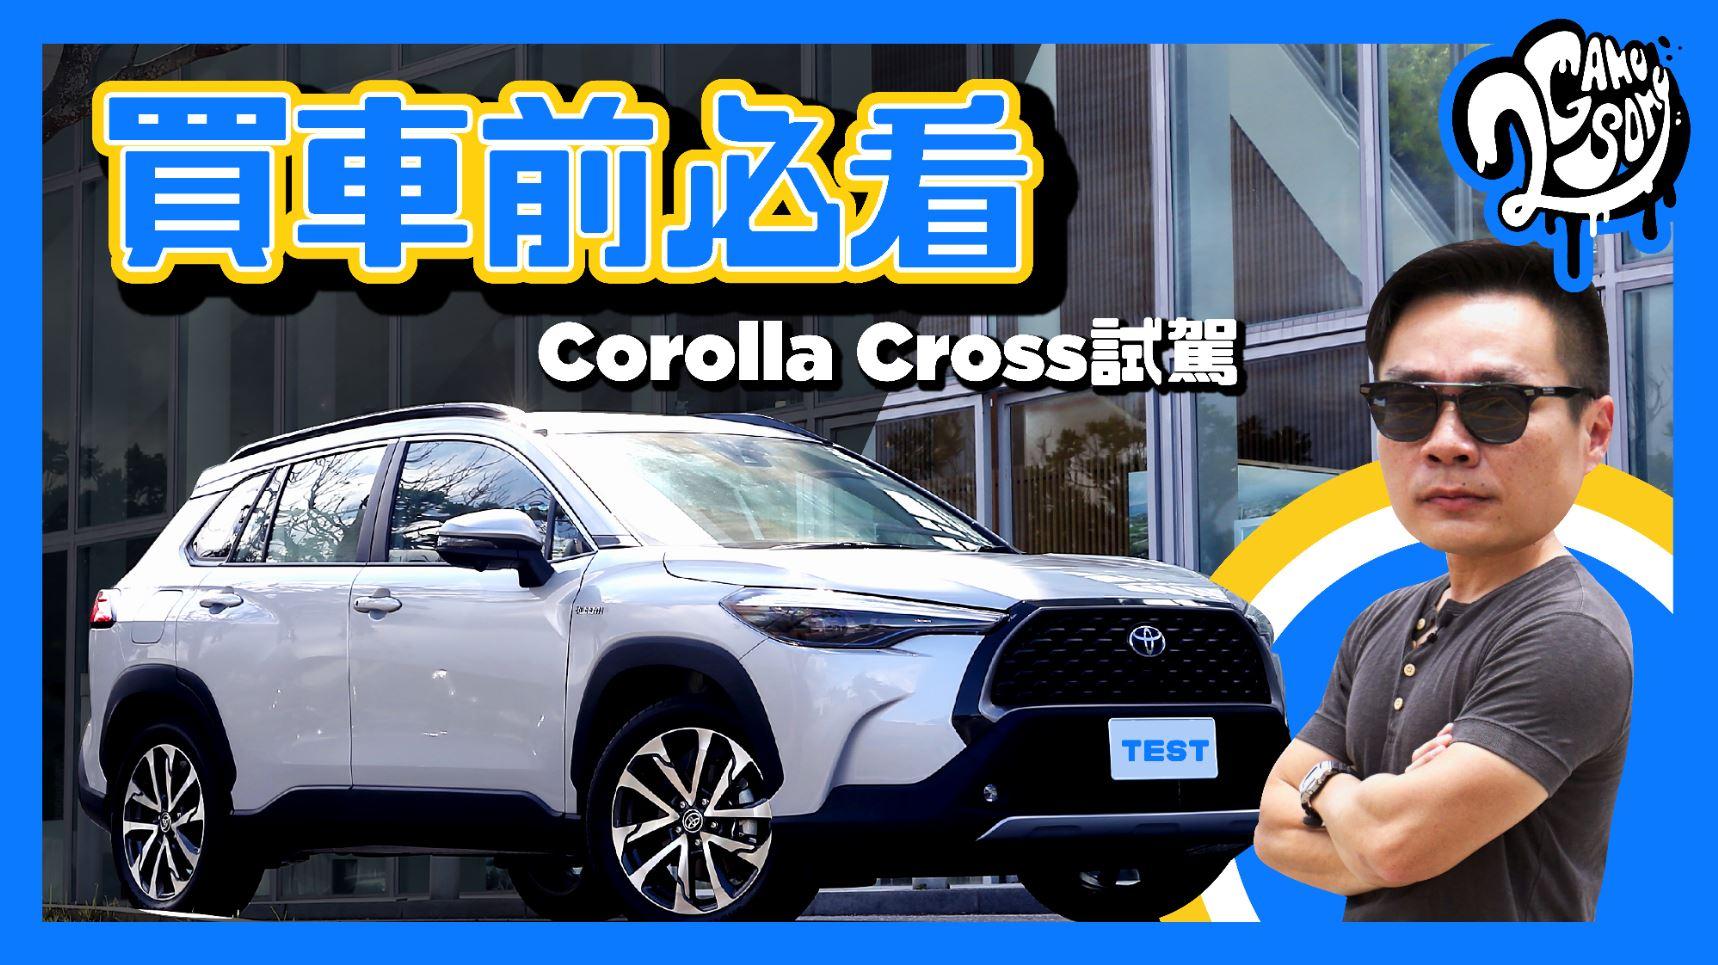 ▲ 預約 CUV 銷售王!十分鐘告訴你 Toyota Corolla Cross 所有必知重點